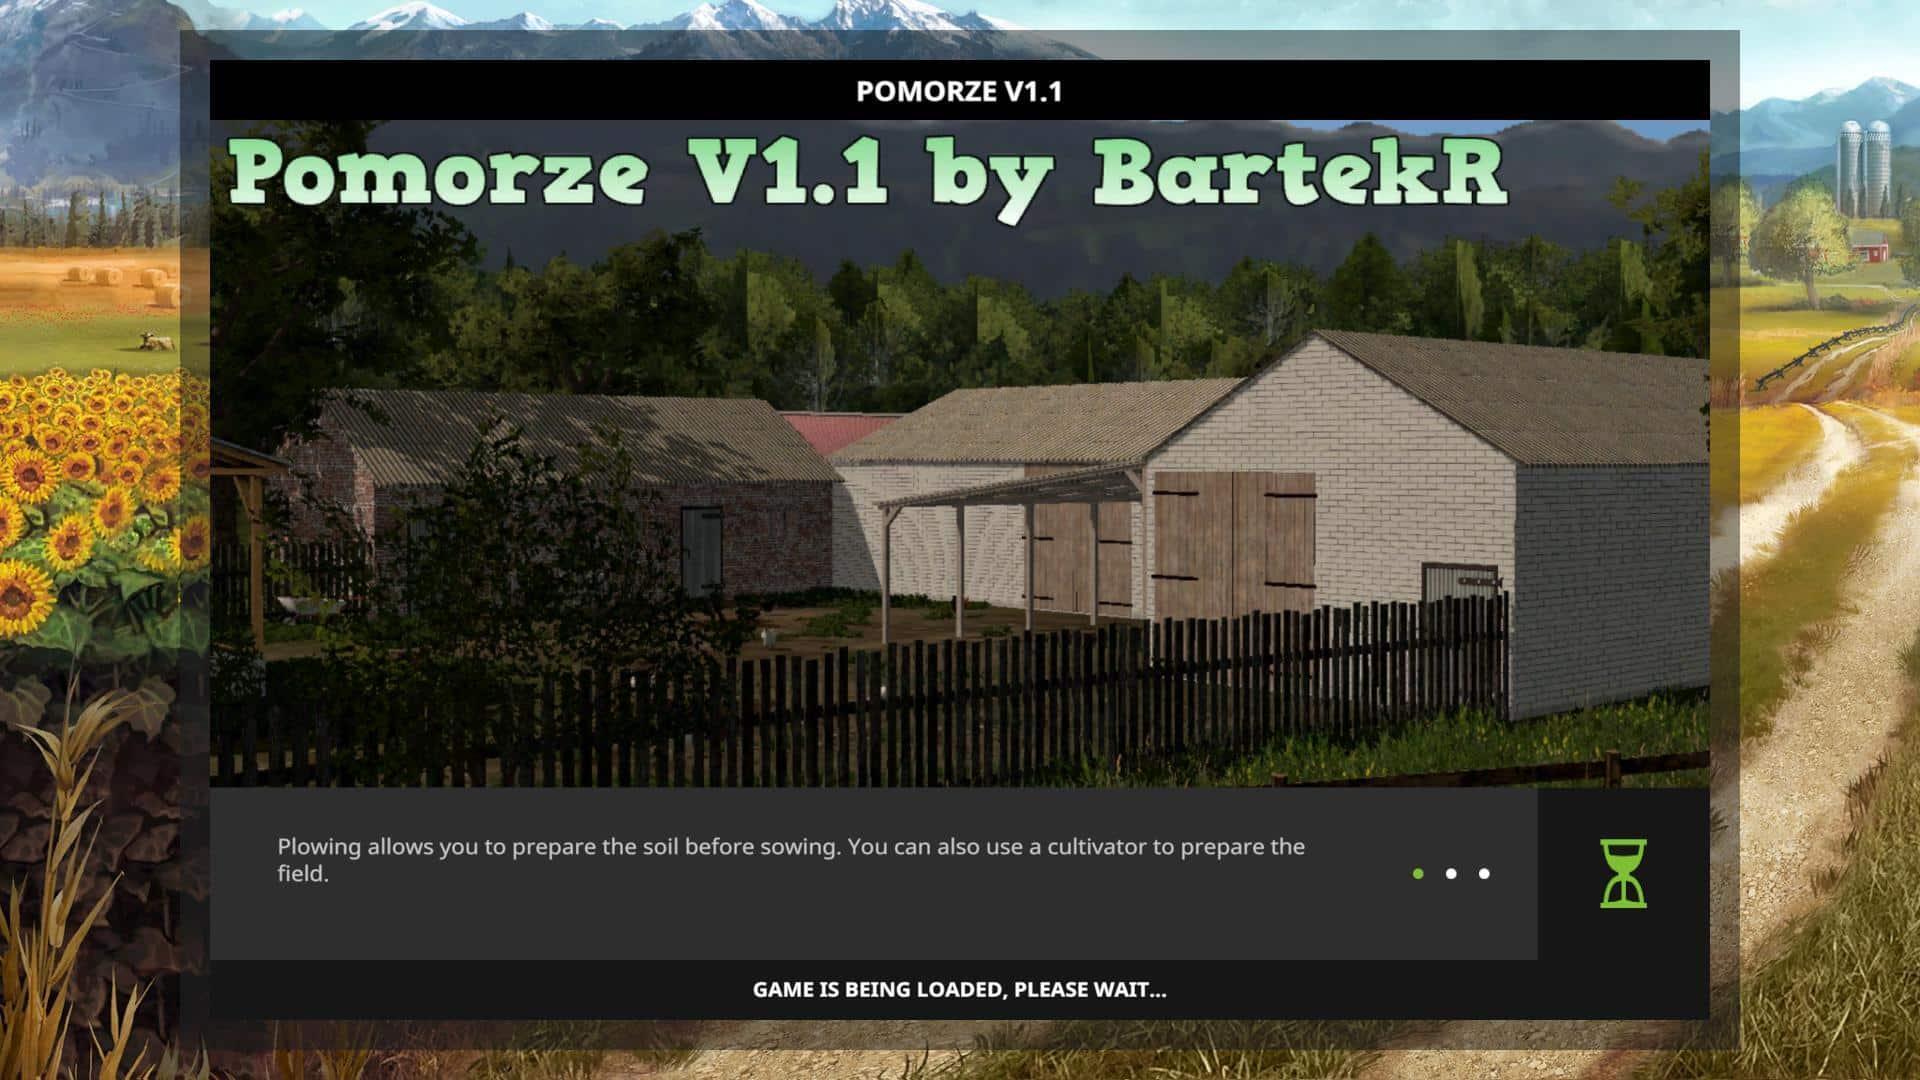 Pomorze v1.1 by BartekR